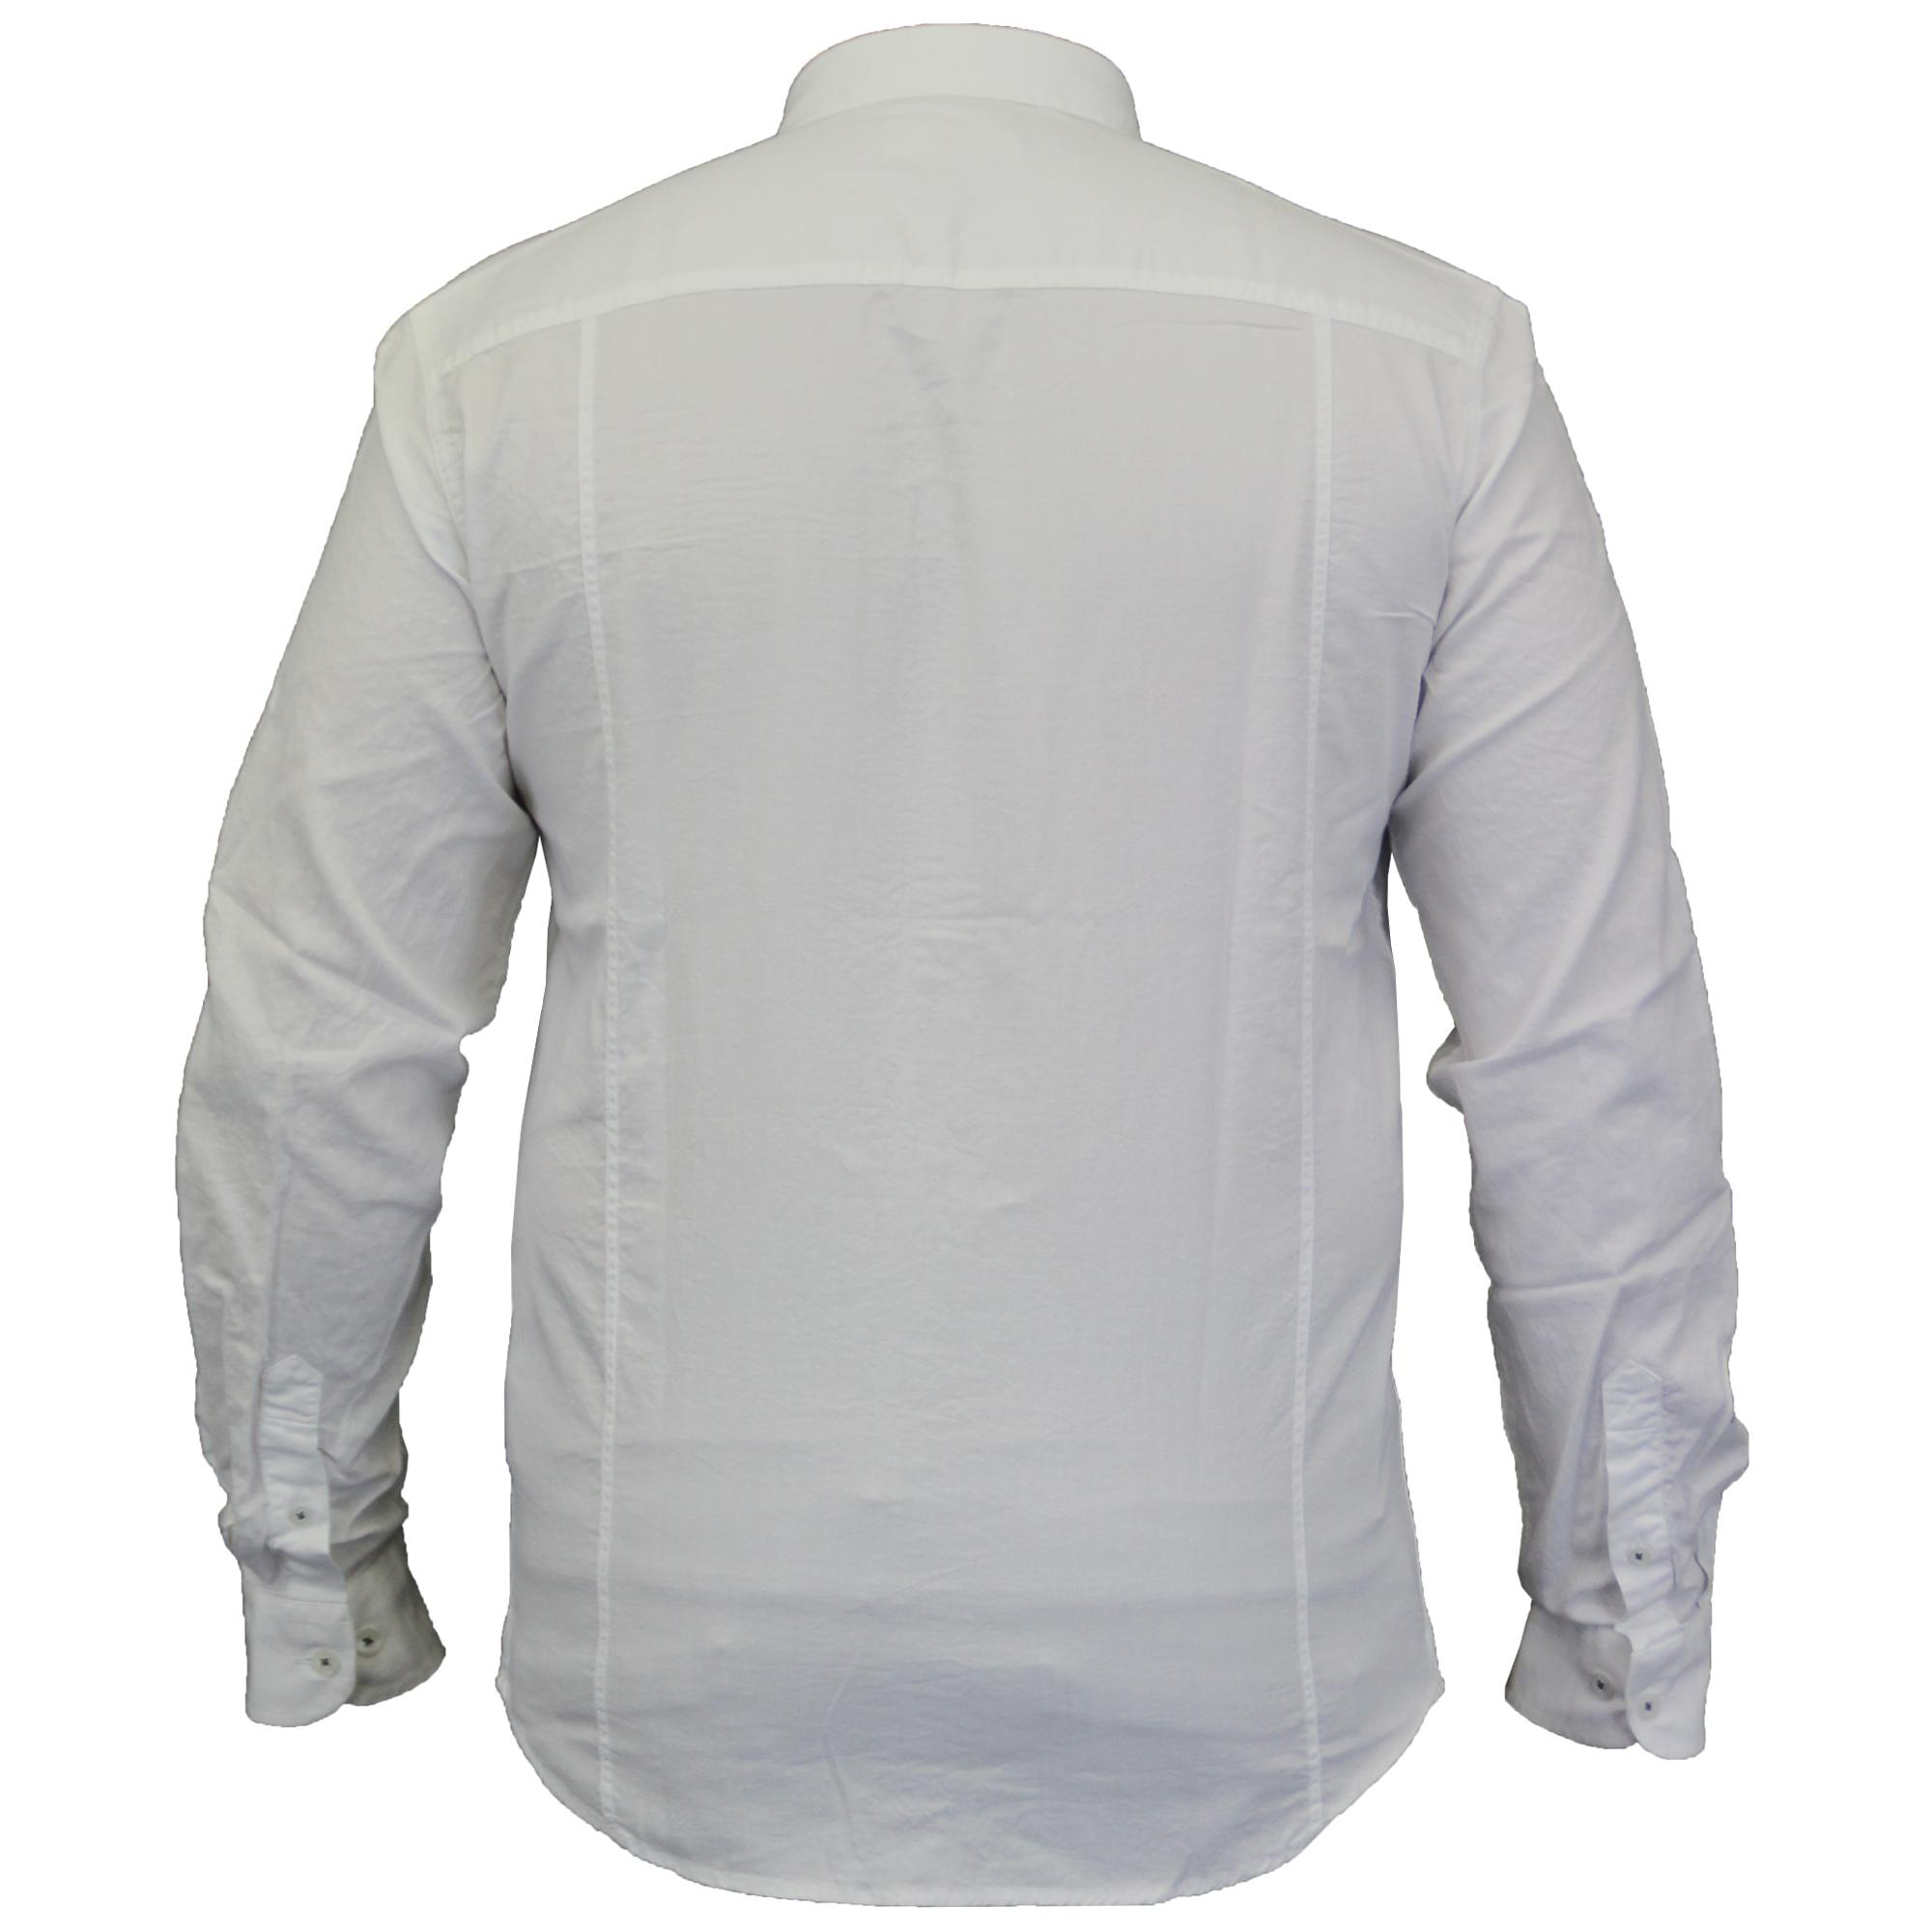 Copertura Manica Con Colletto Anatra Lunga Camicia Cotone Corto E Mens Di rF0wrqU